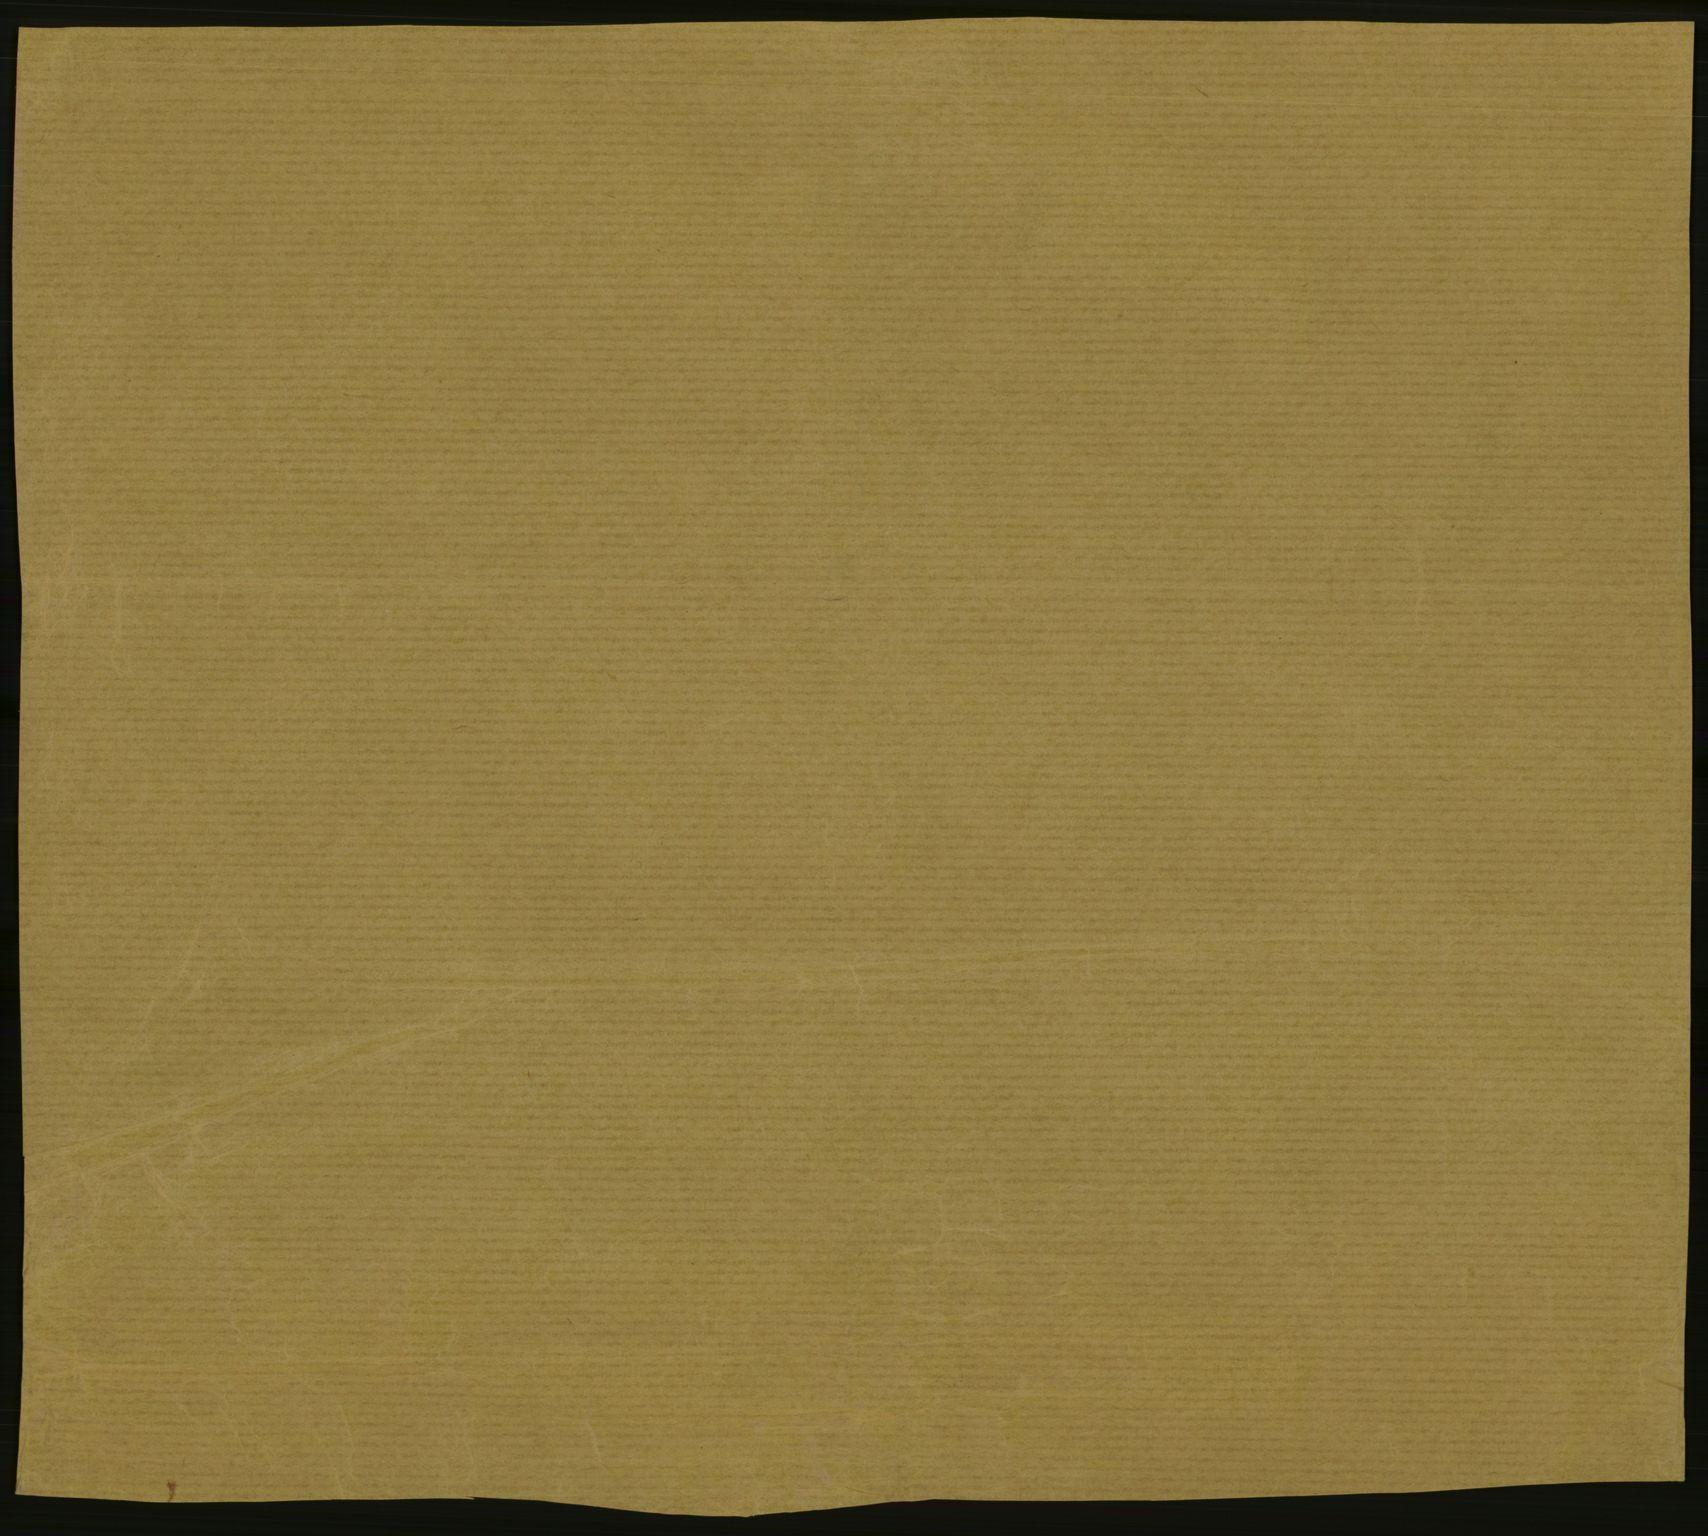 RA, Statistisk sentralbyrå, Sosiodemografiske emner, Befolkning, D/Df/Dfa/Dfaa/L0005: Hedemarkens amt: Fødte, gifte, døde, 1903, s. 2